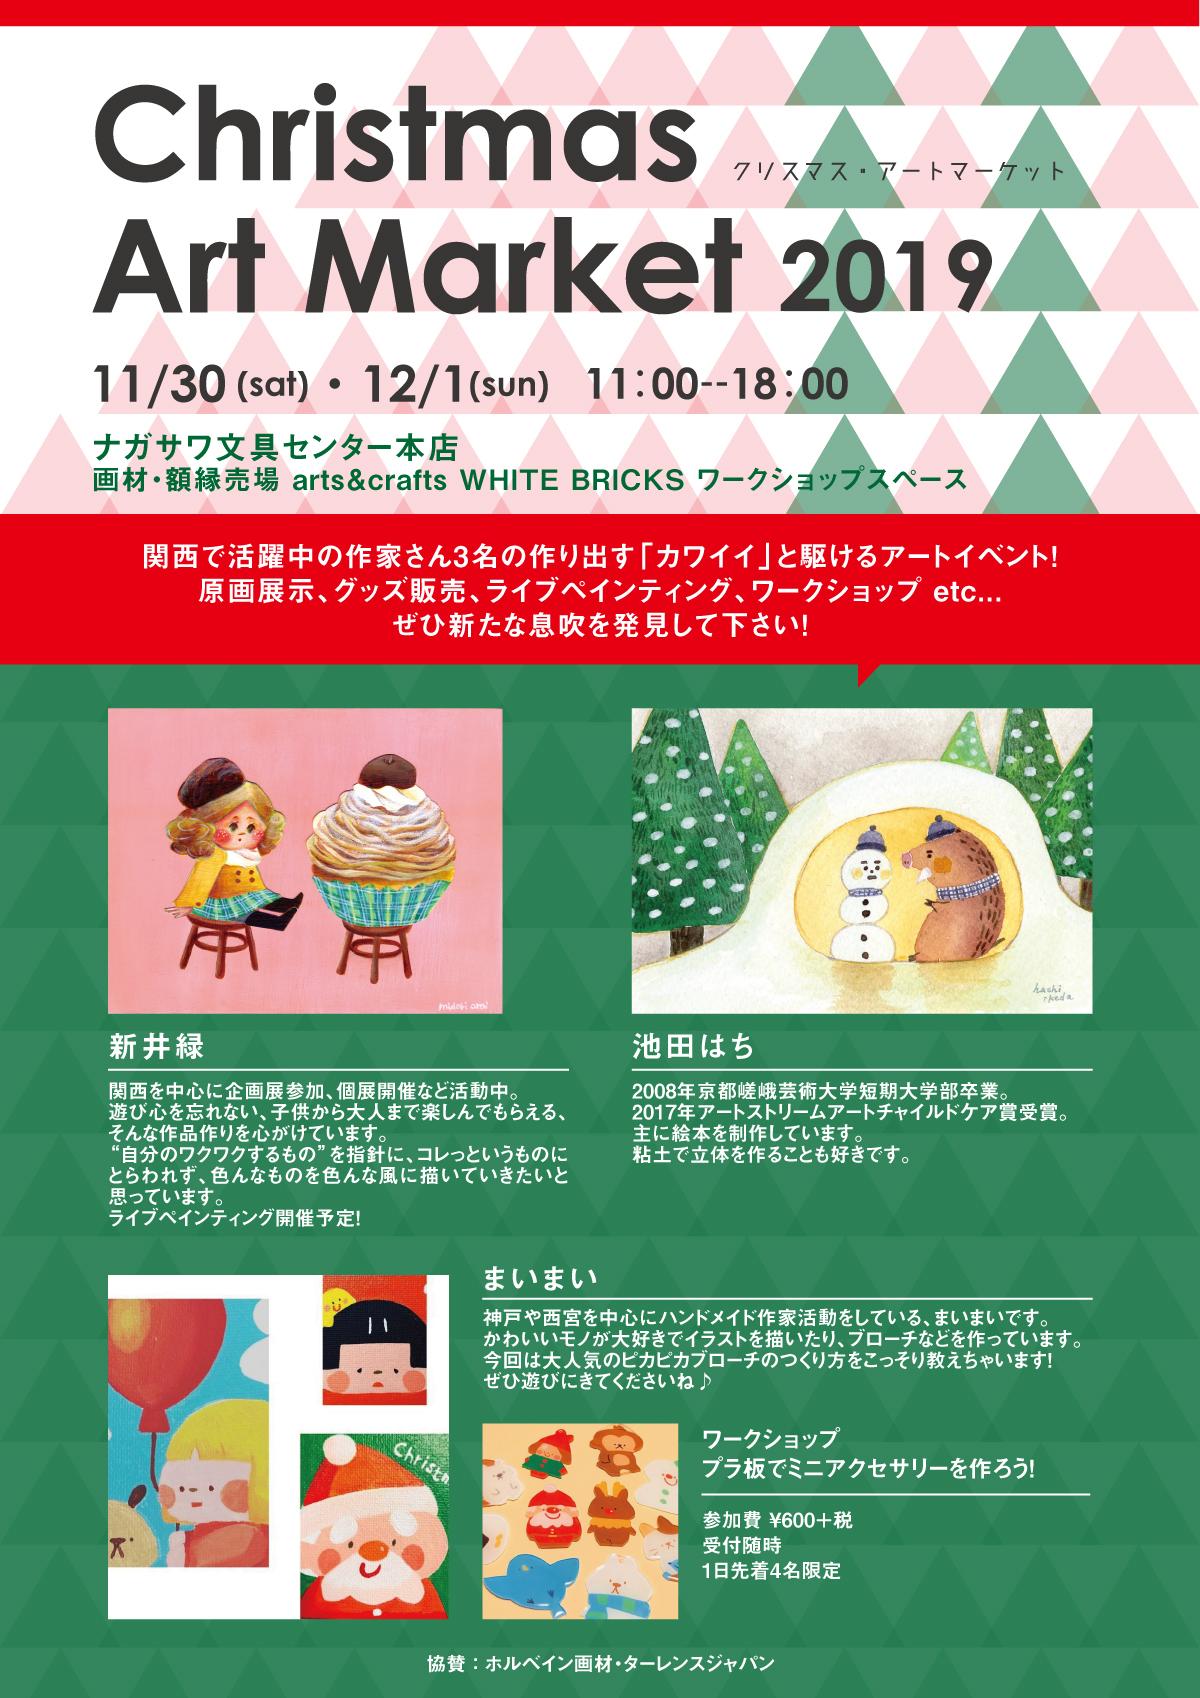 【本店】関西で活躍中の人気作家さんのミニ個展や販売会などアートイベント開催!